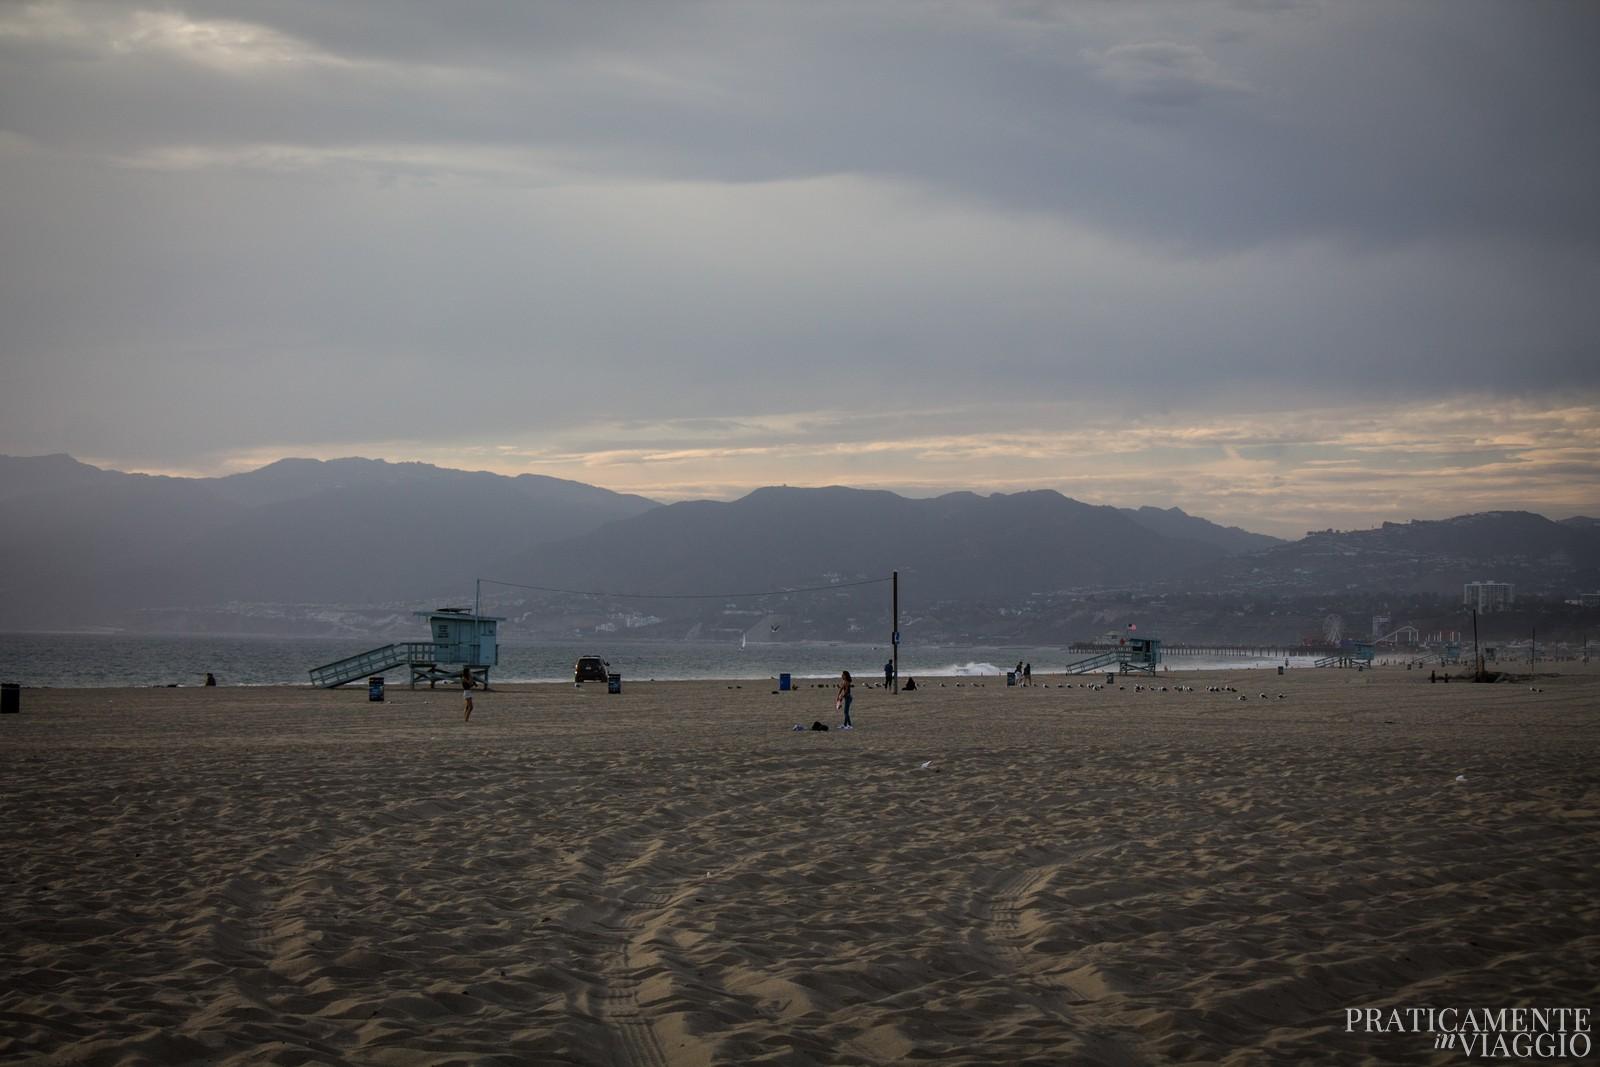 Tramonto sulla spiaggia di Venice Beach